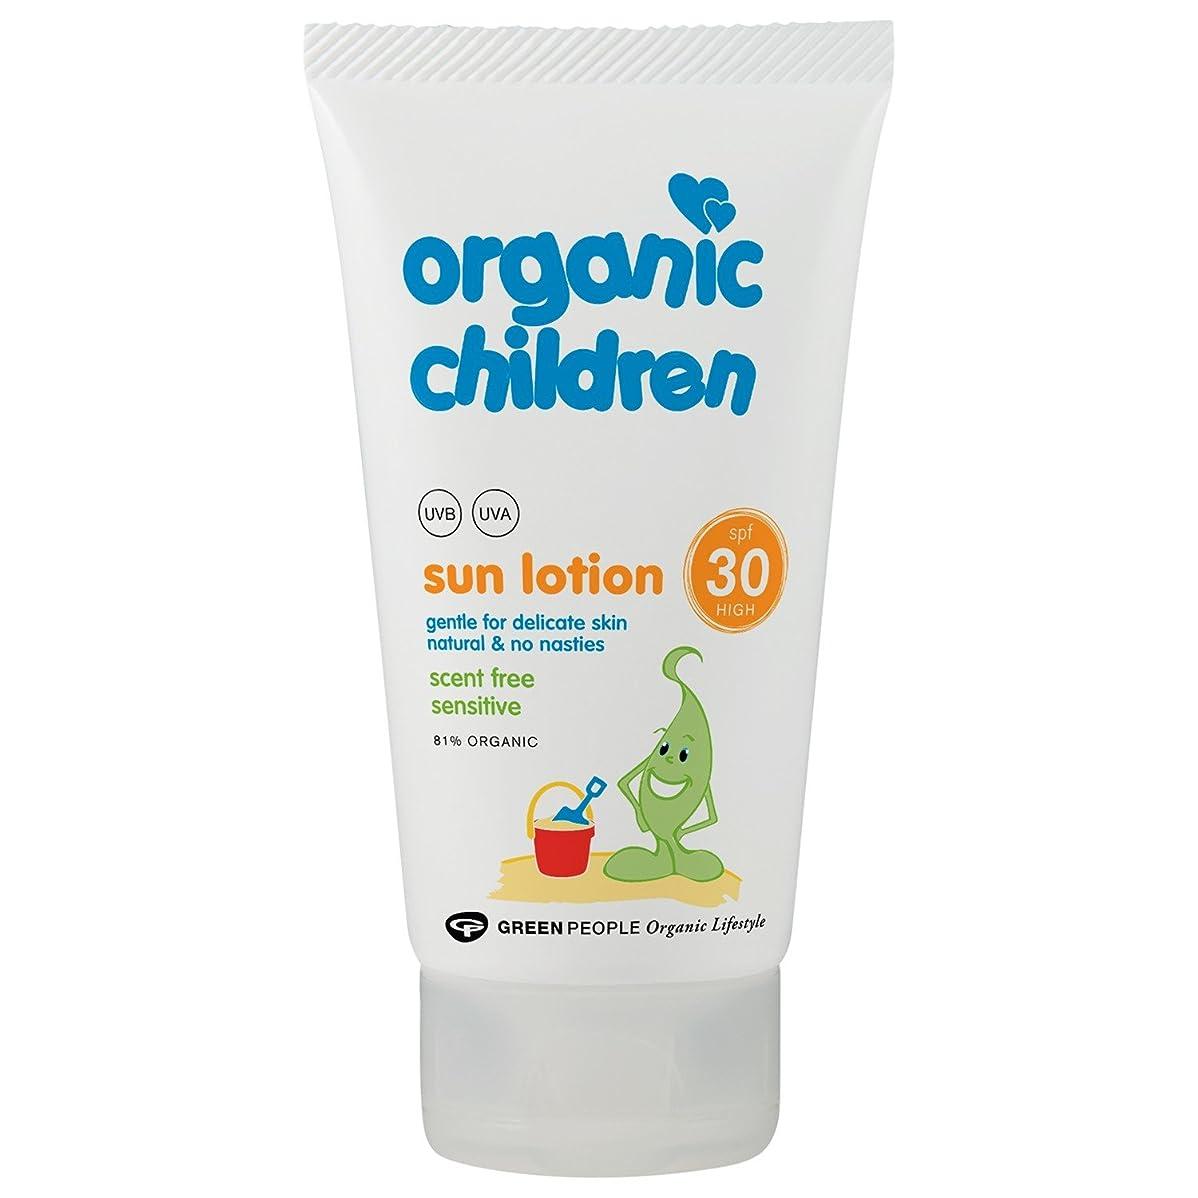 運河台風フローティングOrganic Children SPF 30 Sun Lotion 150g - 有機子どもたちは30日のローション150グラムを [並行輸入品]